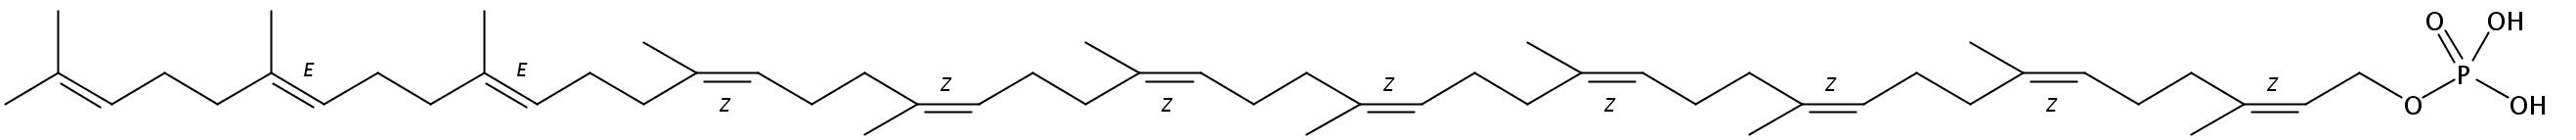 Undecaprenyl-MPDA monophosphate (NH4+)2